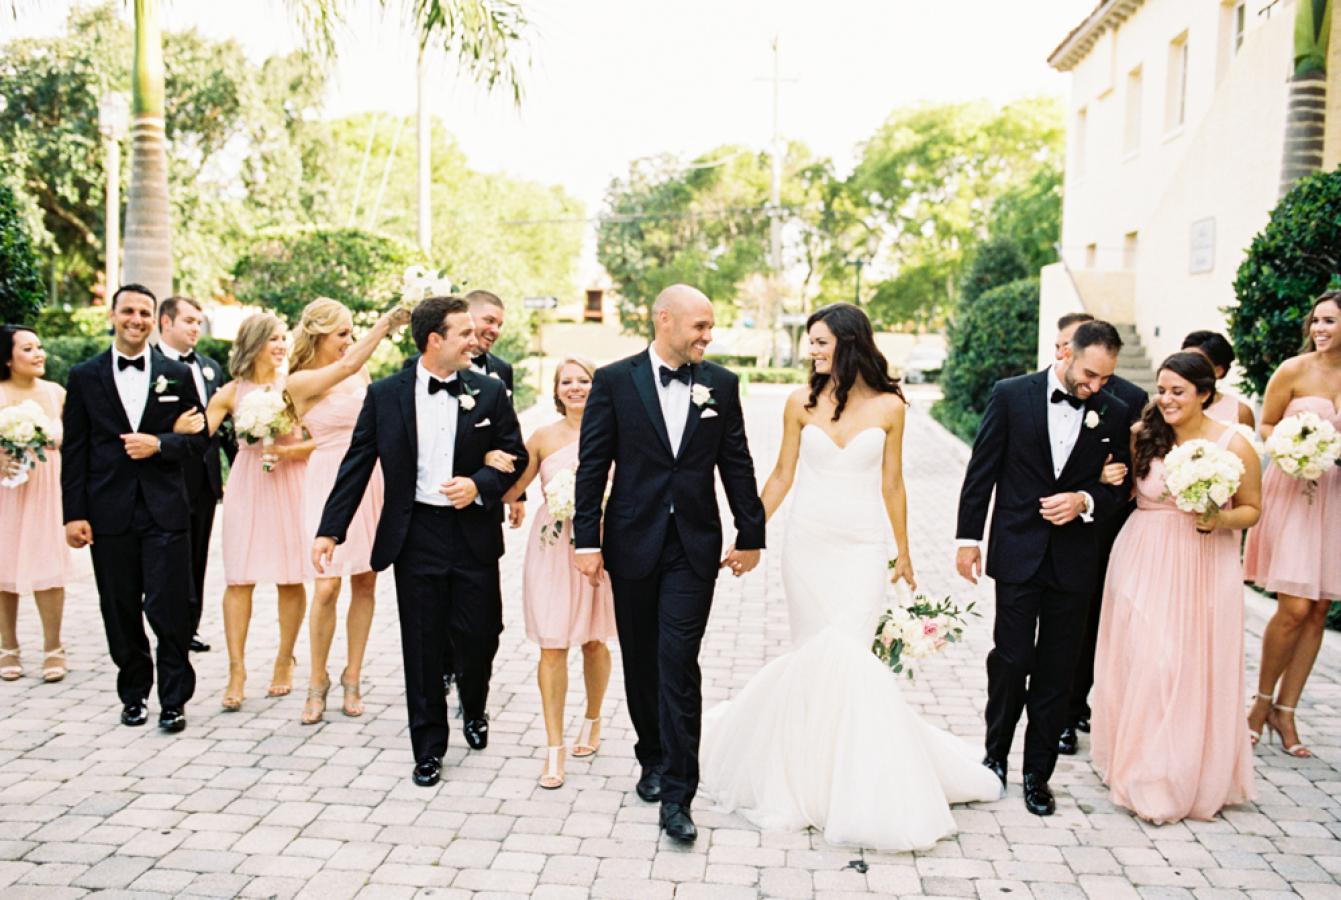 Los padrinos de boda